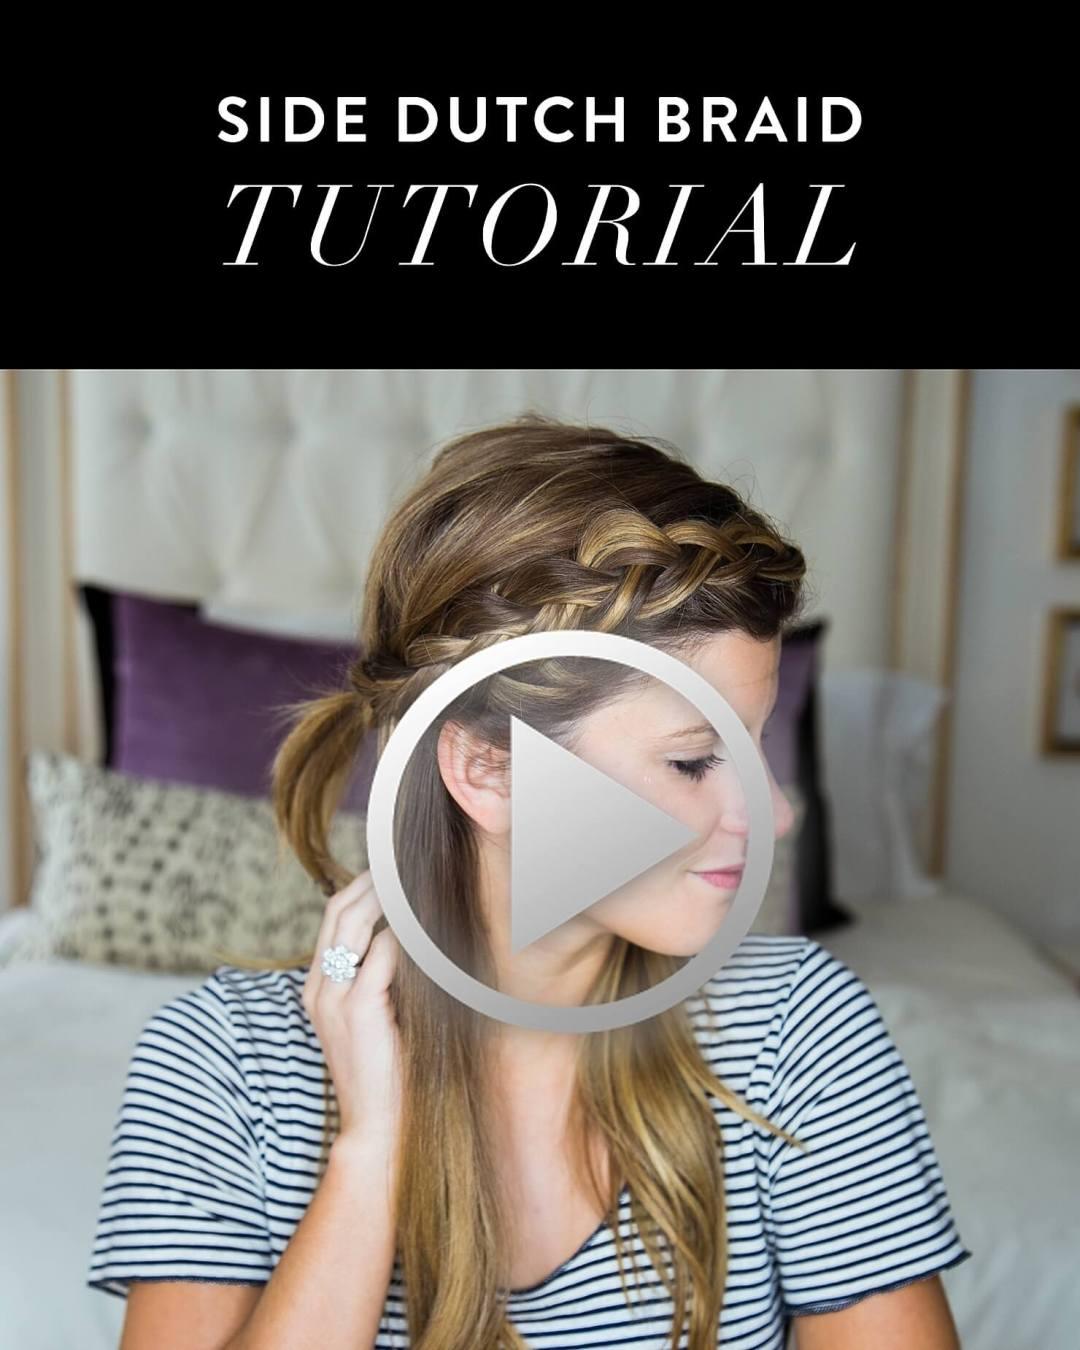 how to do a side dutch braid hair tutorial // half half down dutch braid hair tutorial video